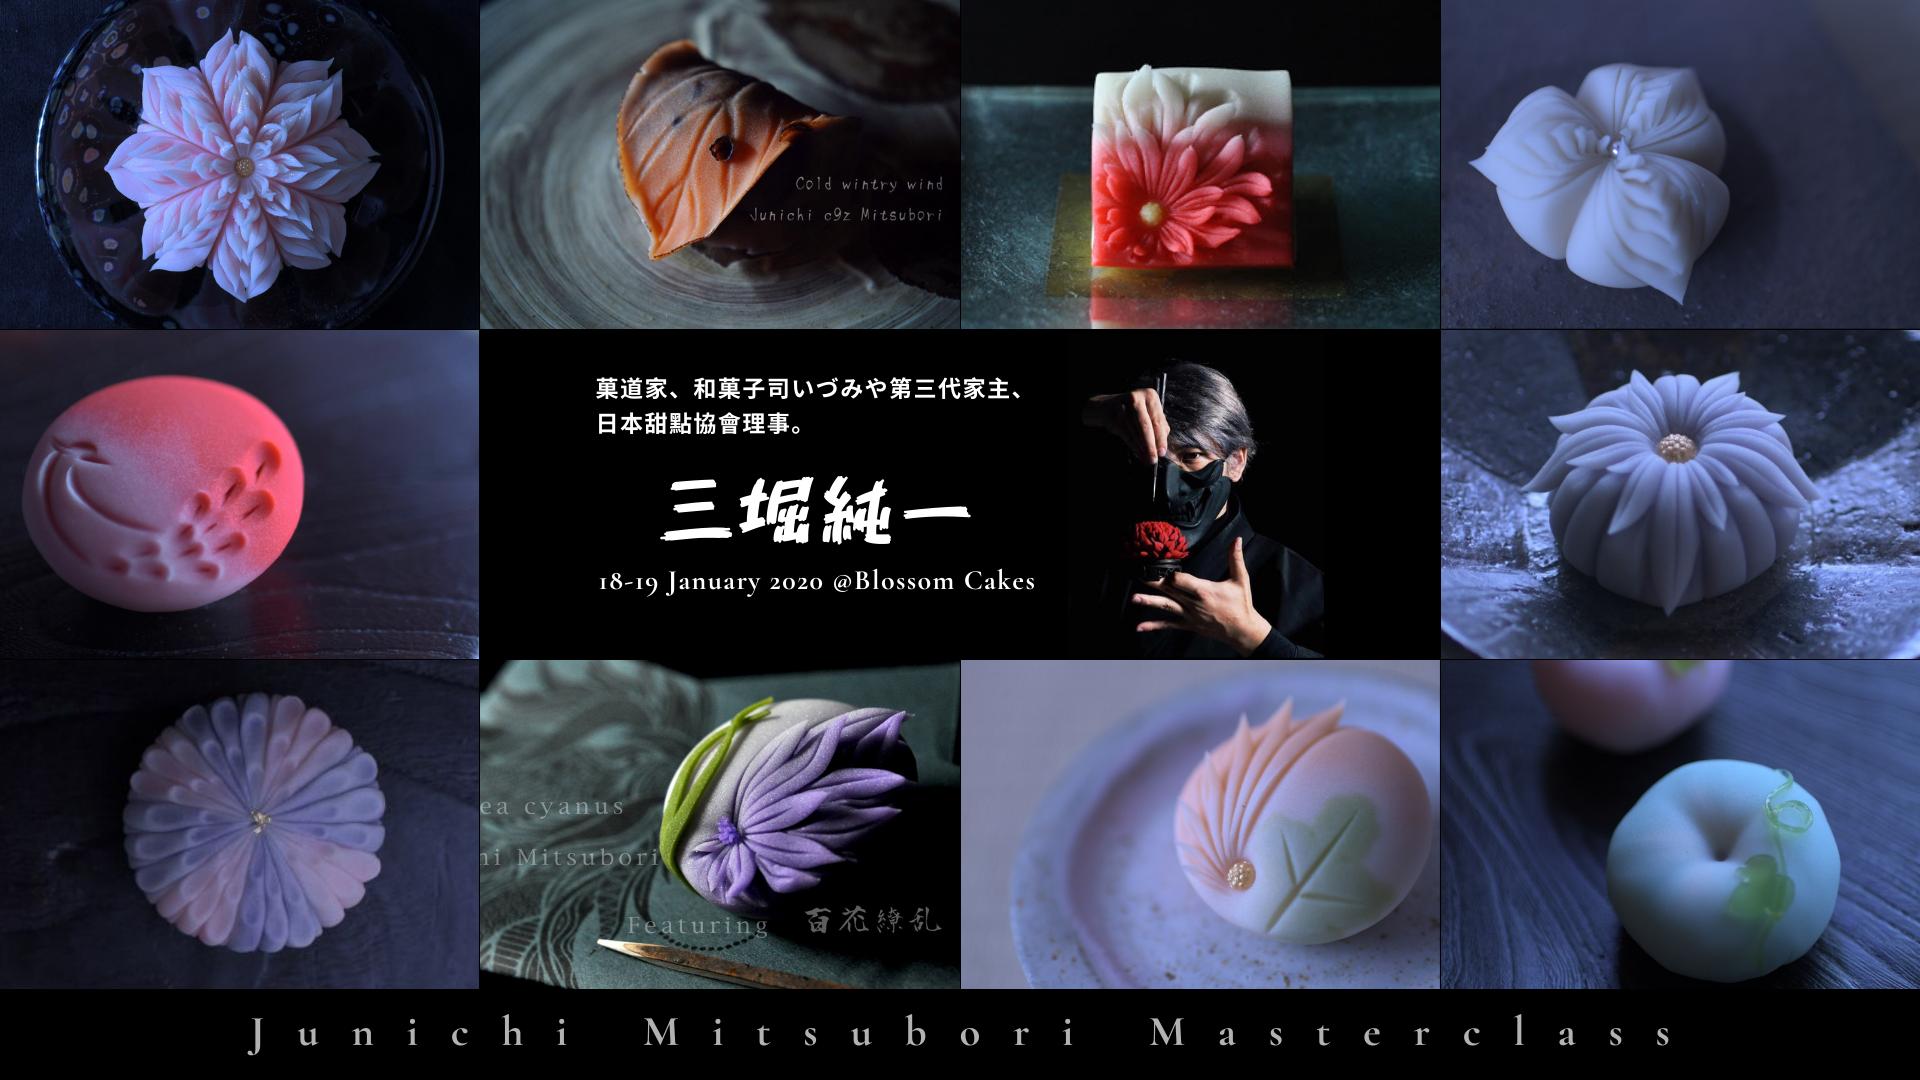 Junichi Mitsubori Masterclass 2